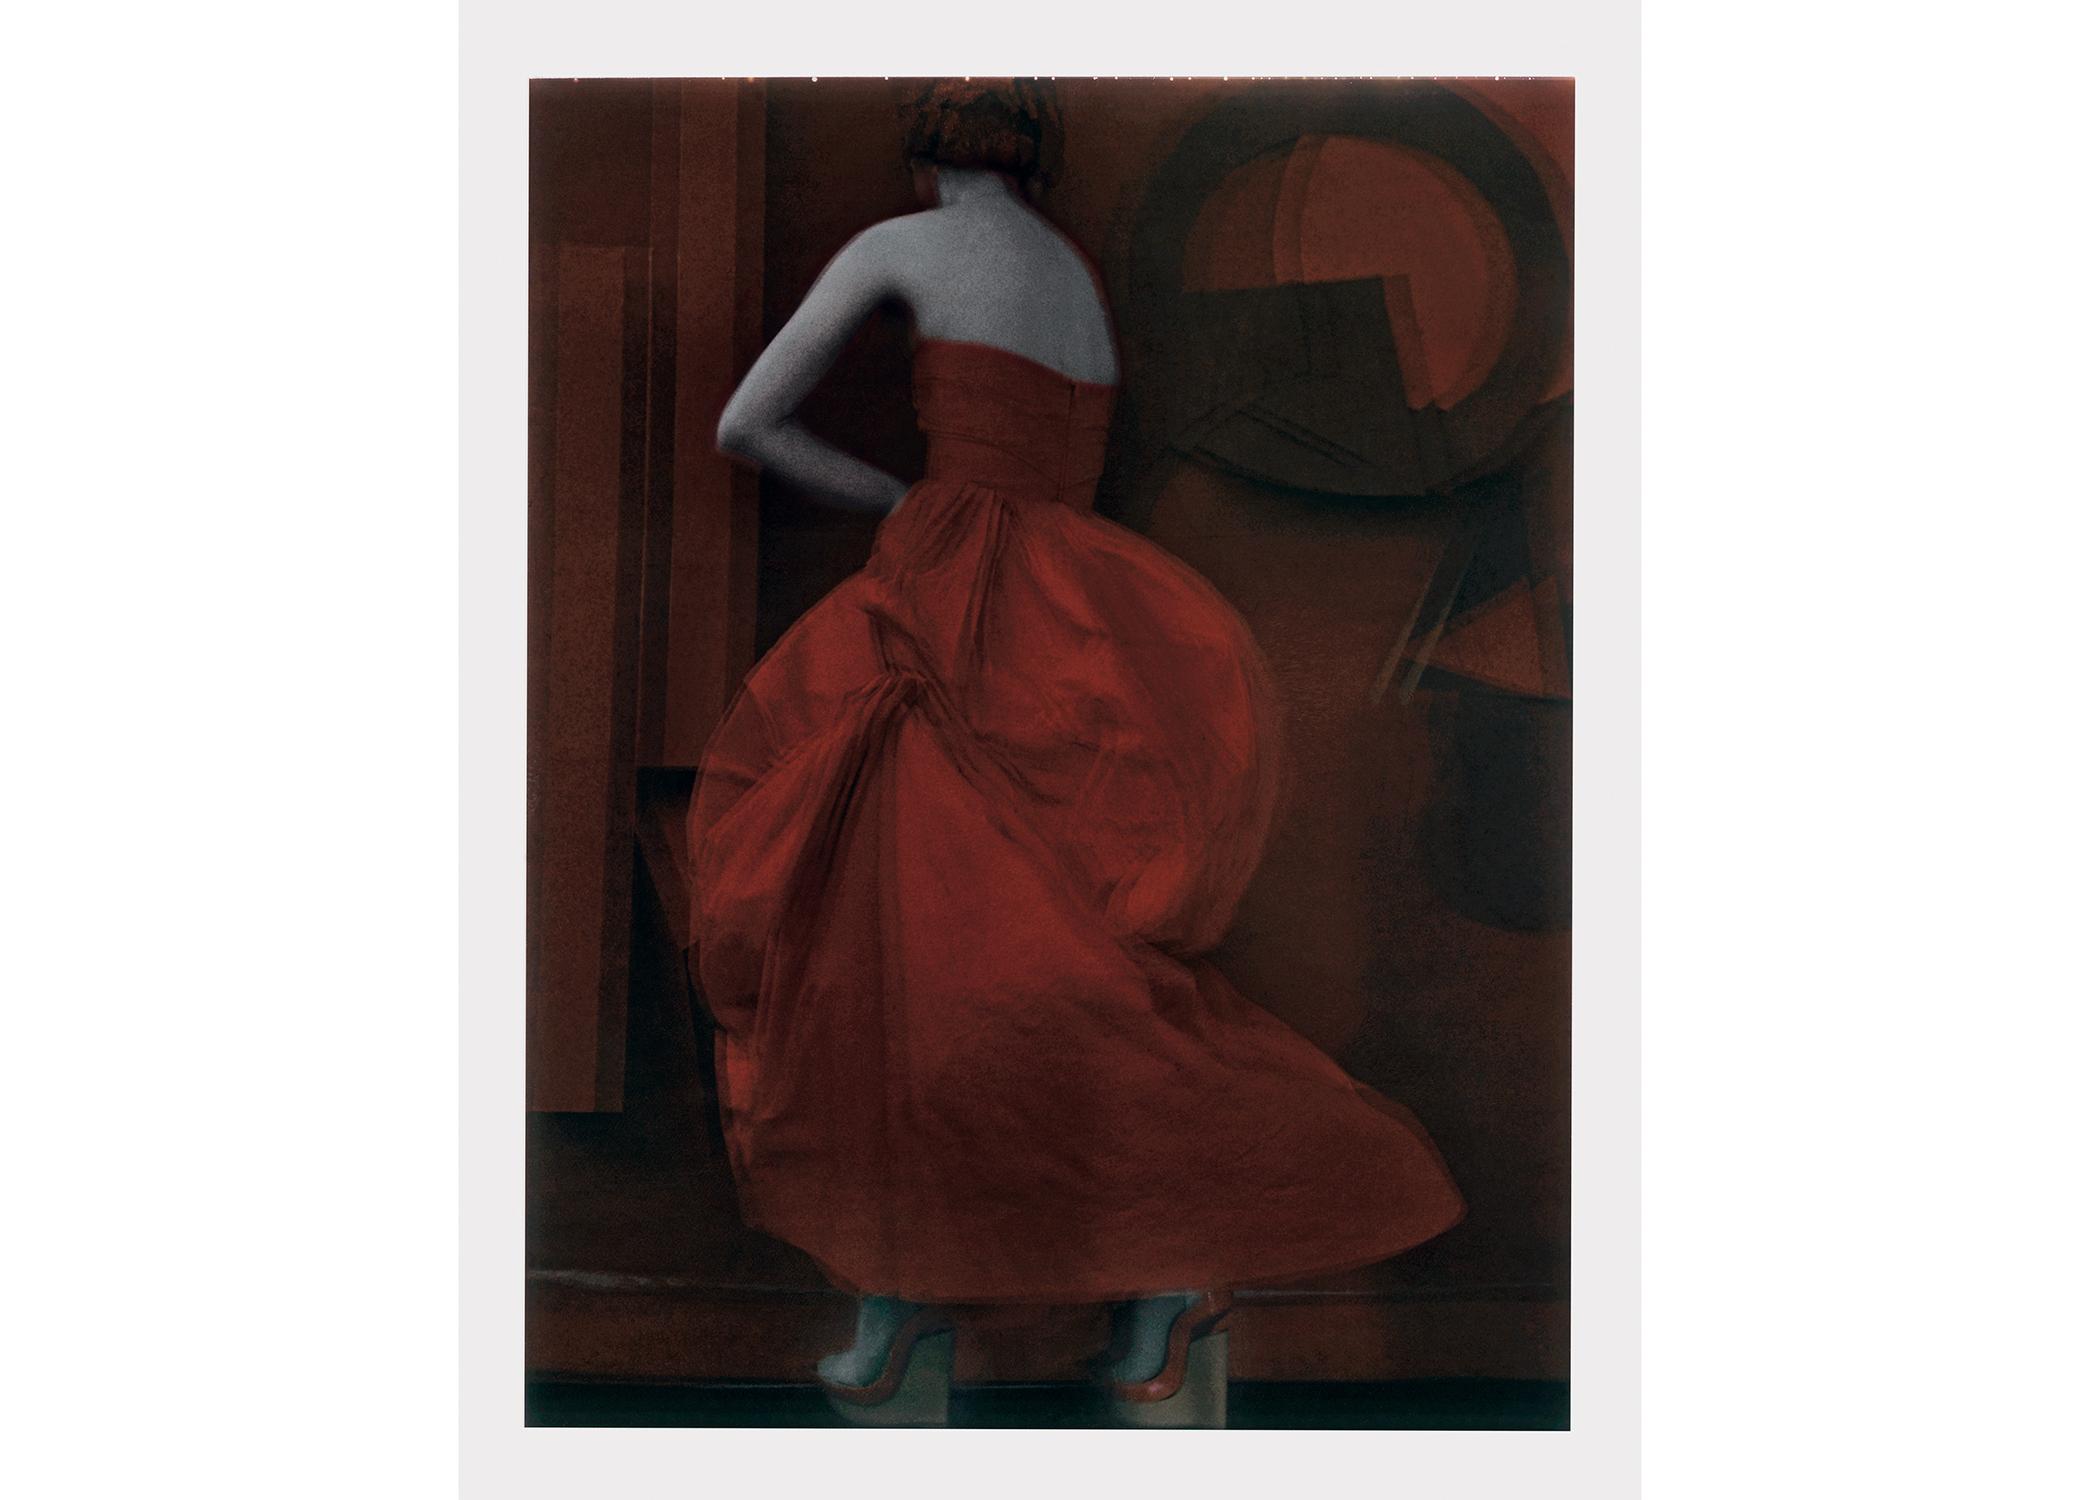 8.Sarah Moon_The Red Dress_2010